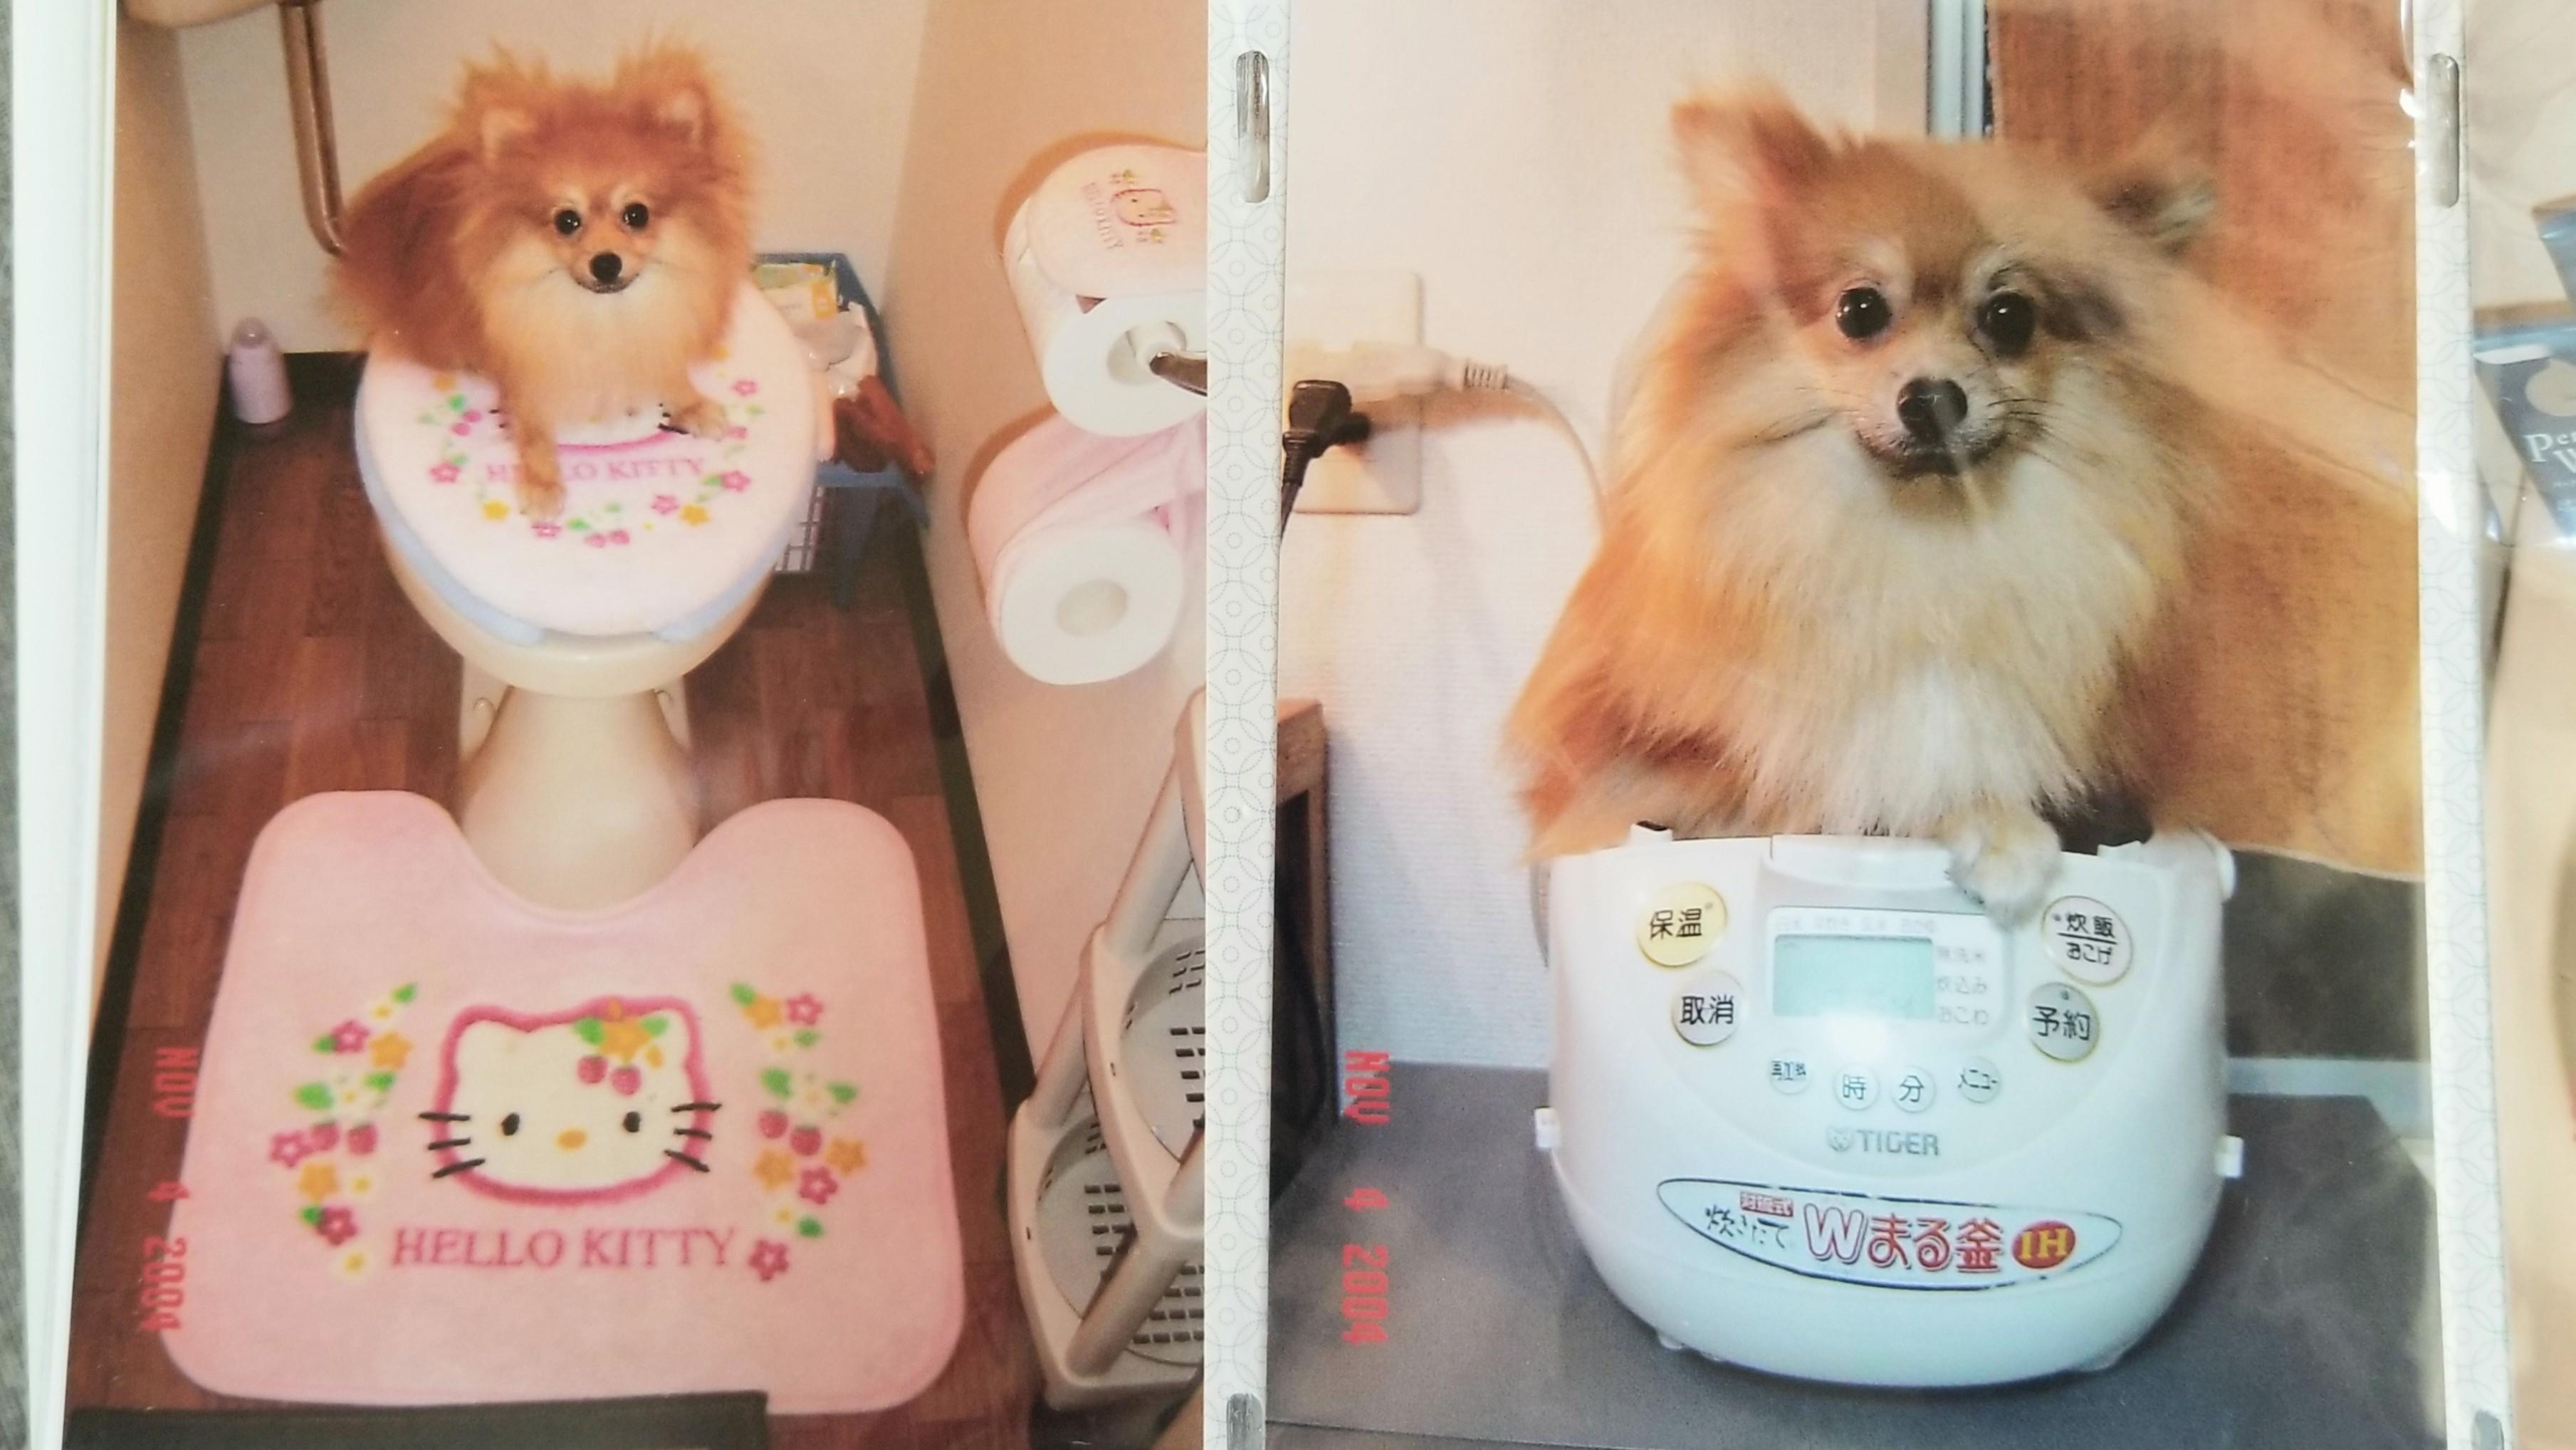 世界一可愛いポメラニアン面白い犬画像思い出の品懐かしい写真可愛